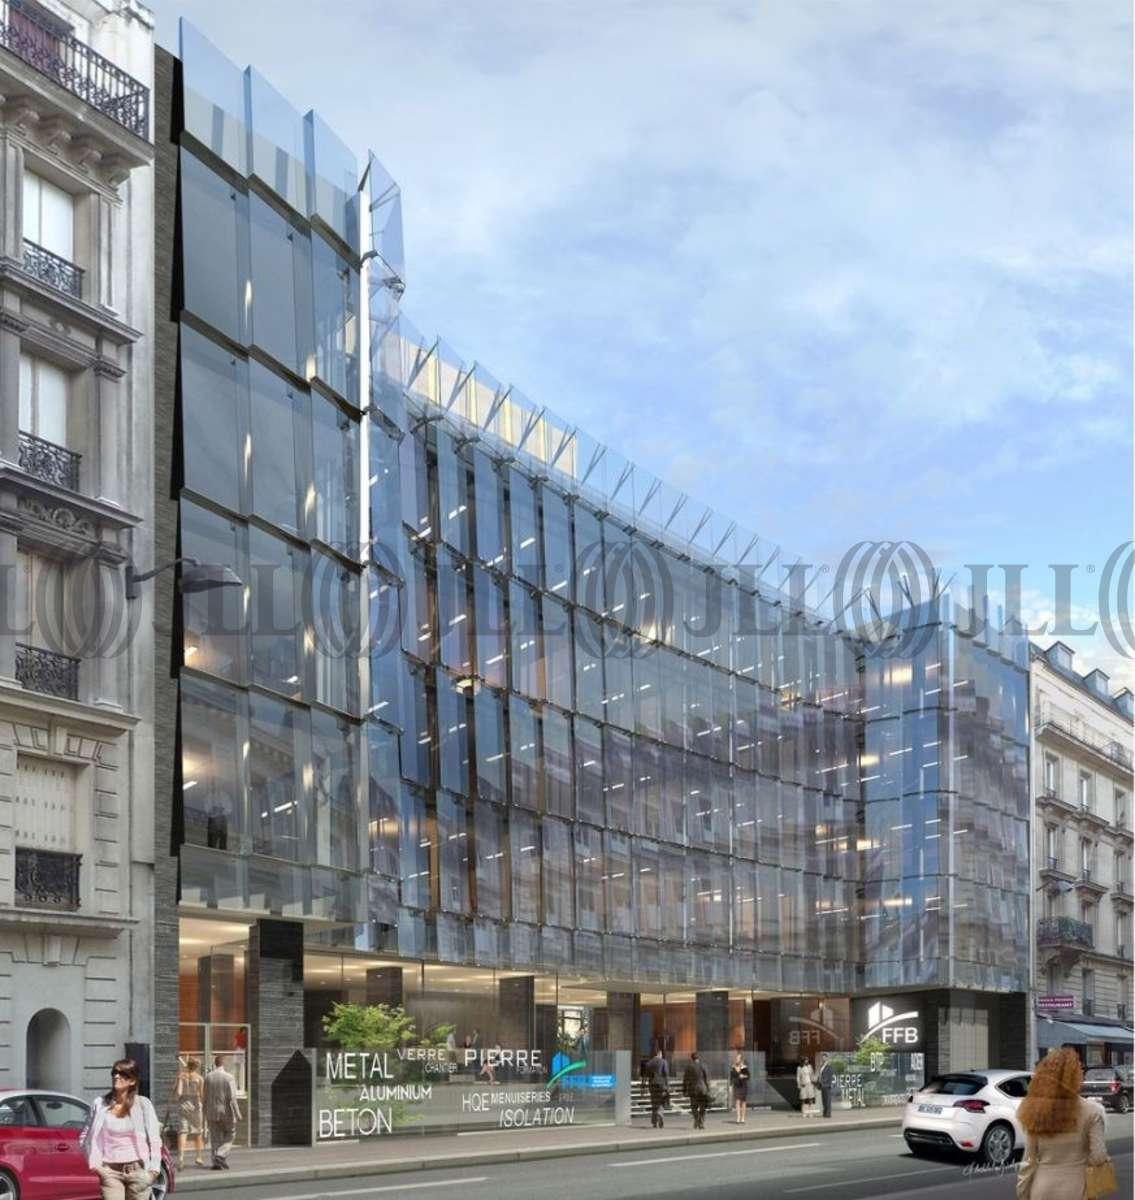 Bureaux louer pereire debarcadere 75017 paris 51699 jll - Location bureaux paris 17 ...